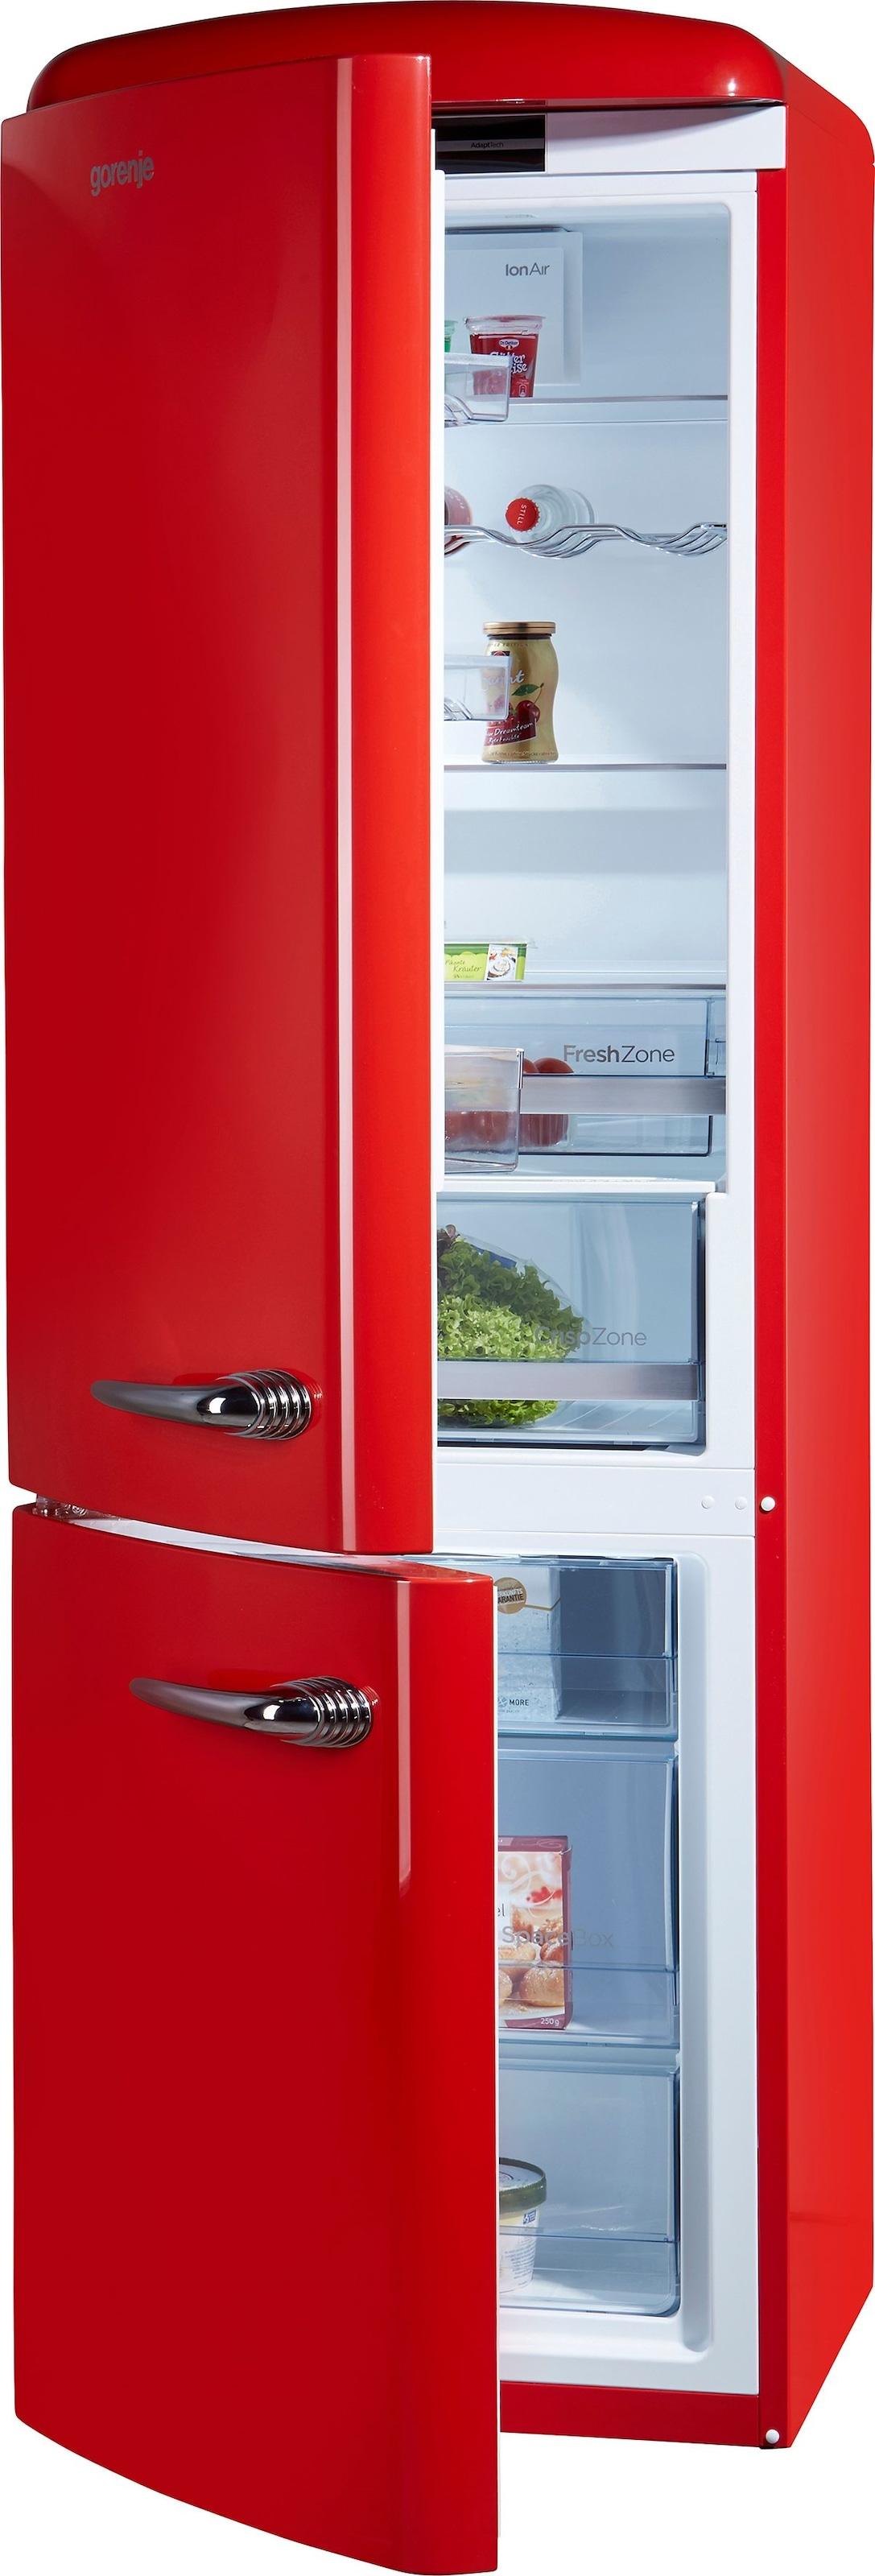 Retro Kühlschrank Pastellblau : Retro kühlschränke rot auf raten kaufen baur